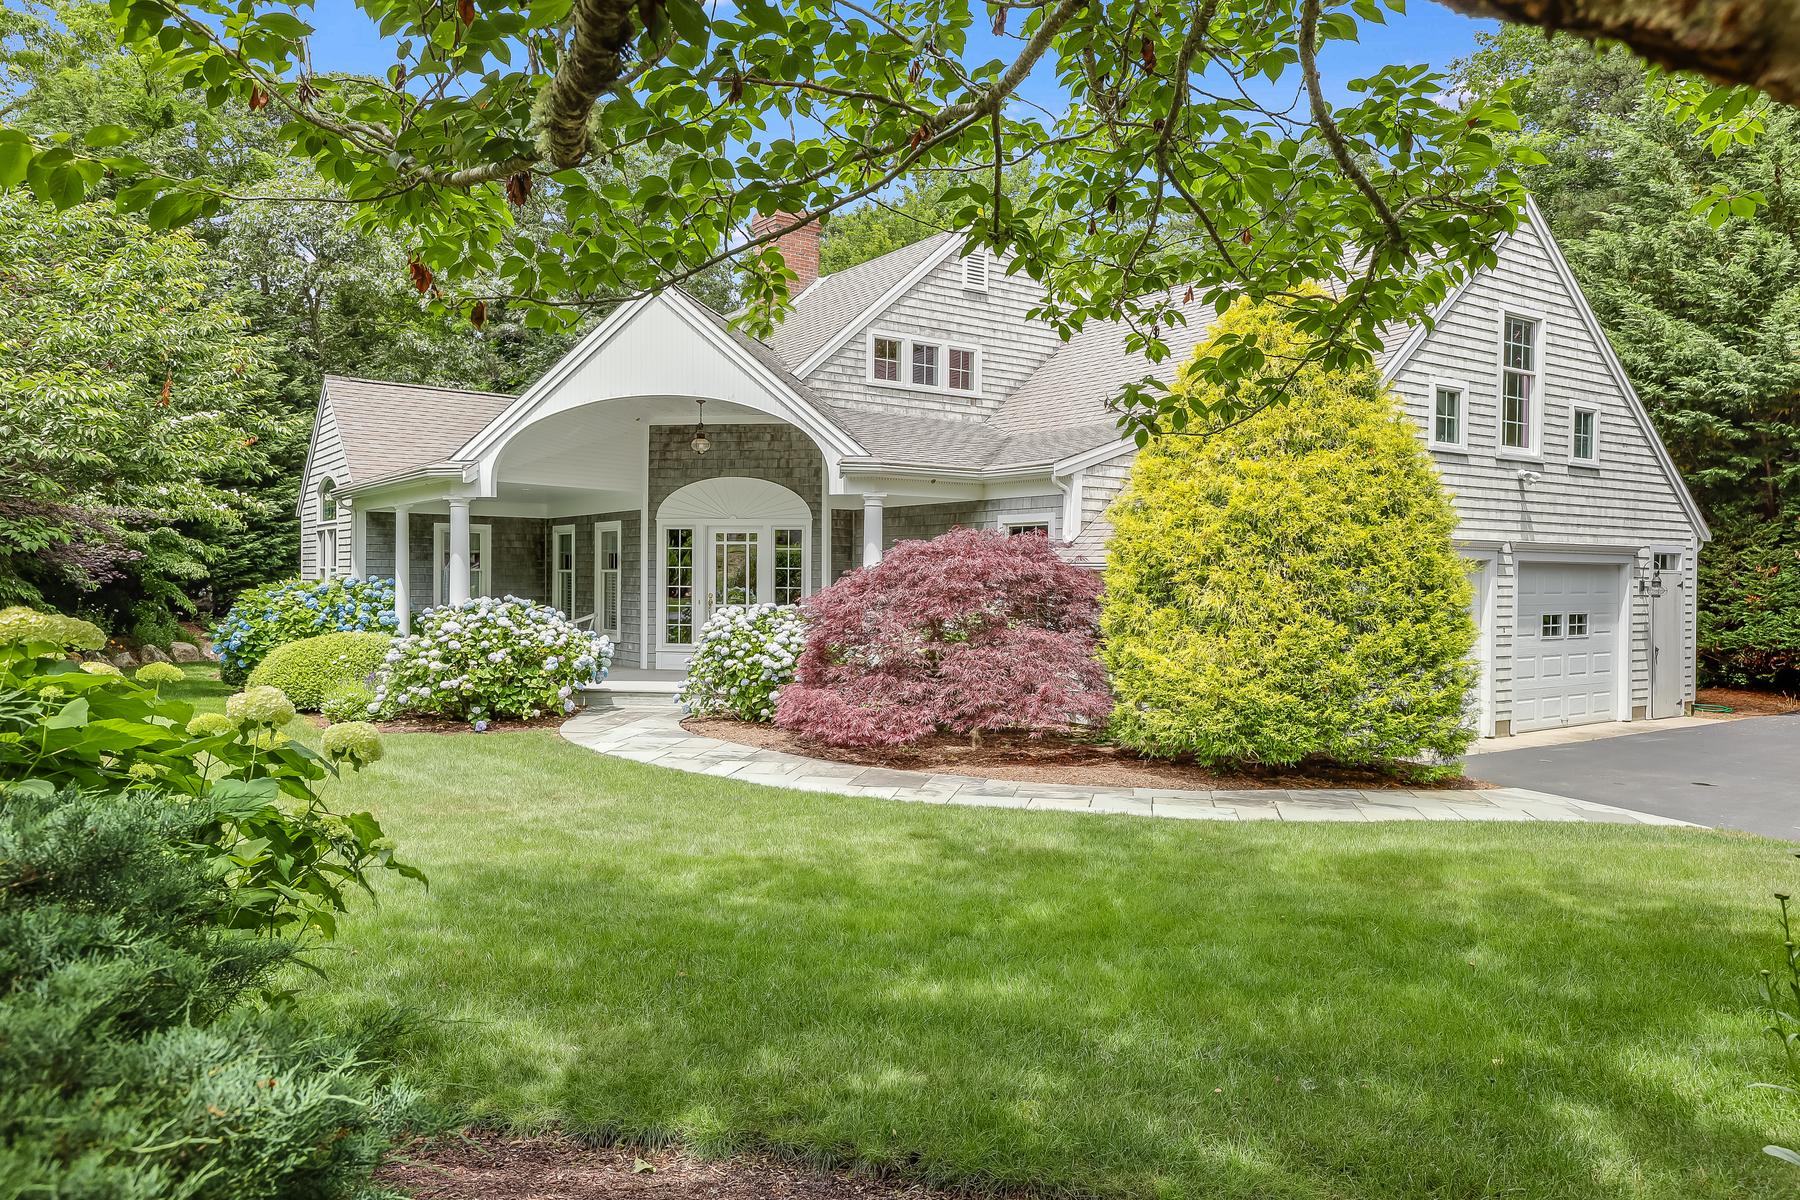 Single Family Homes για την Πώληση στο 186 Old bog Road, Brewster 186 Old Bog Rd, Brewster, Μασαχουσετη 02631 Ηνωμένες Πολιτείες